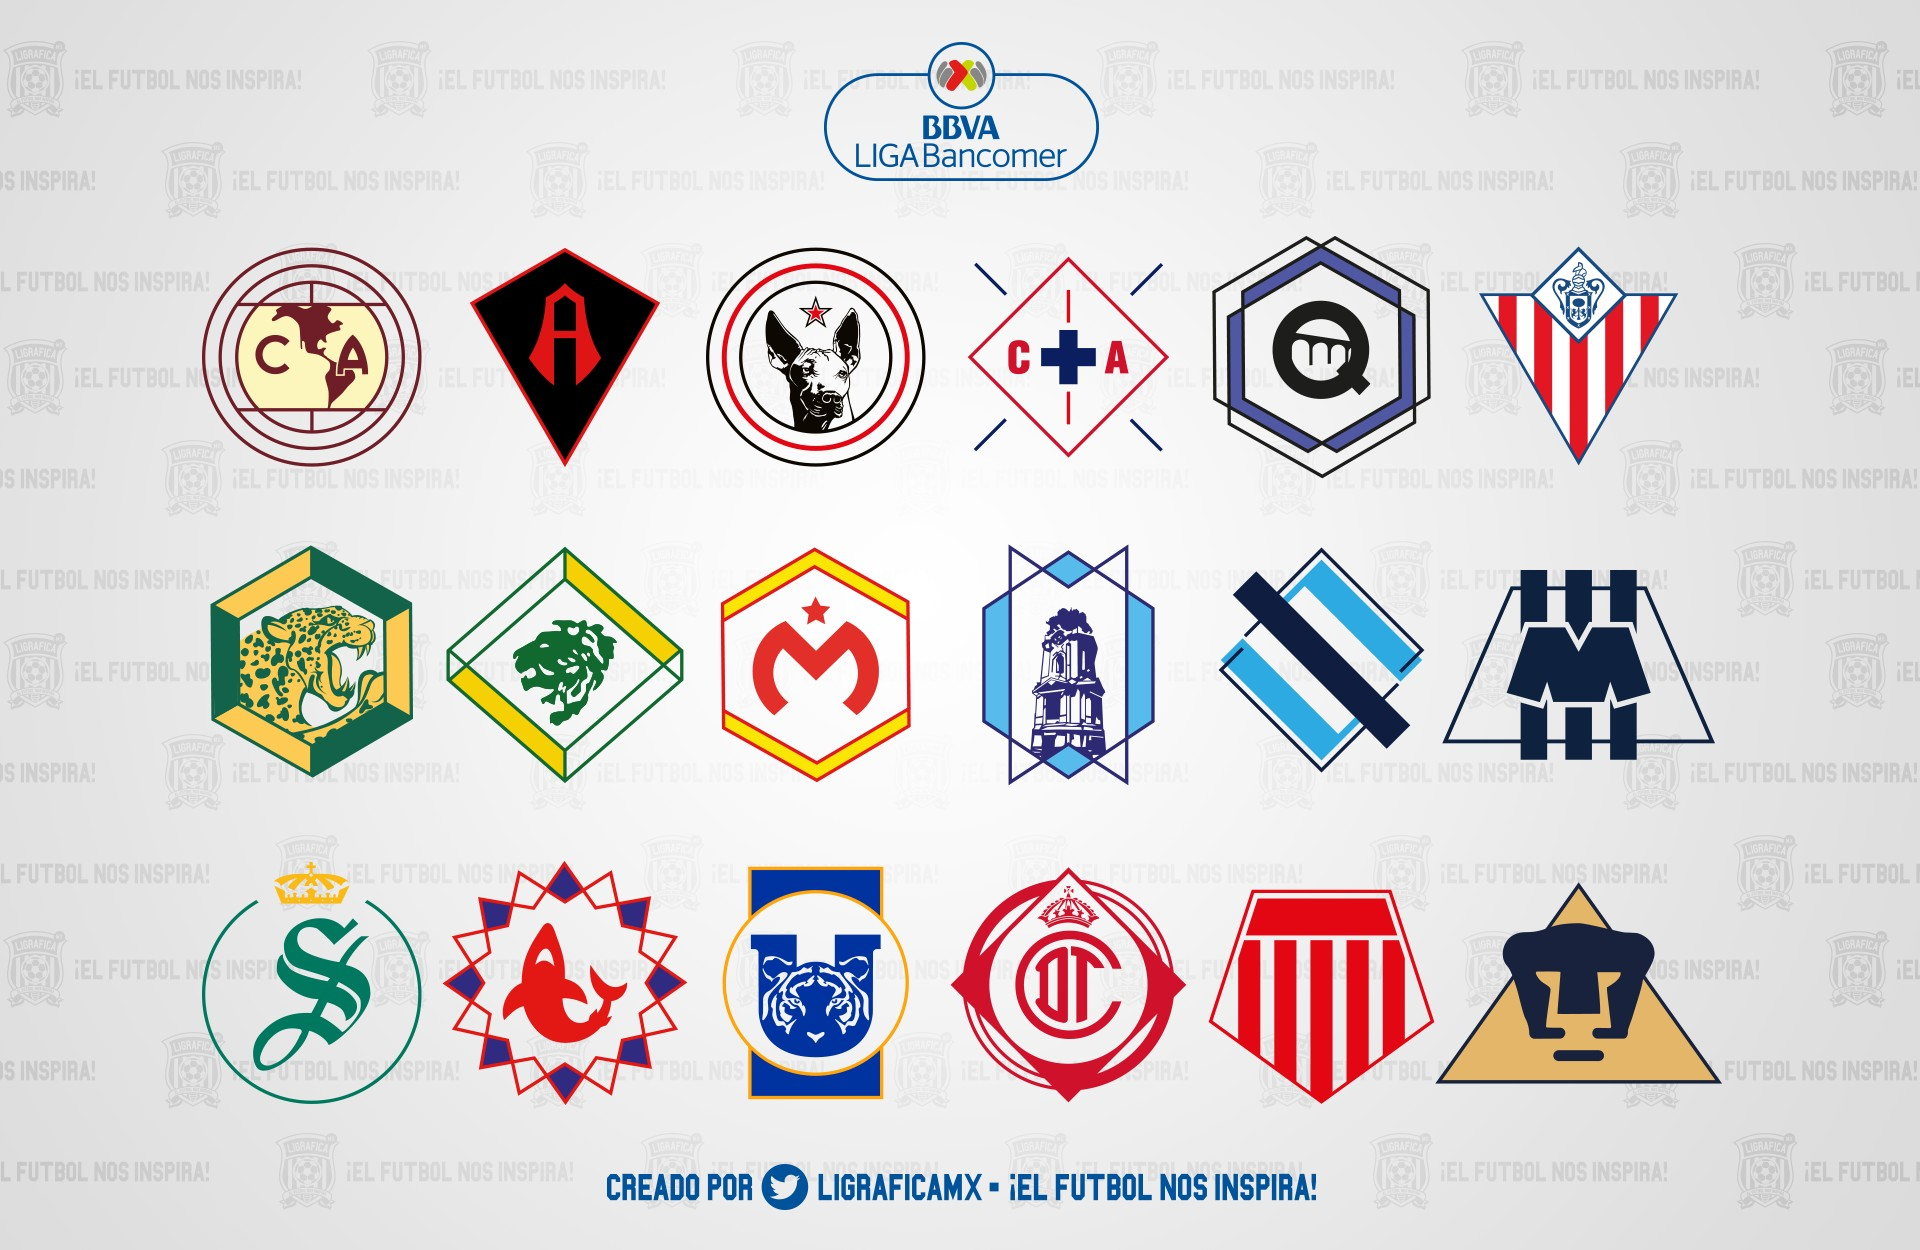 Logos LigaMX AP16 • LigaBan erMX LigraficaMX